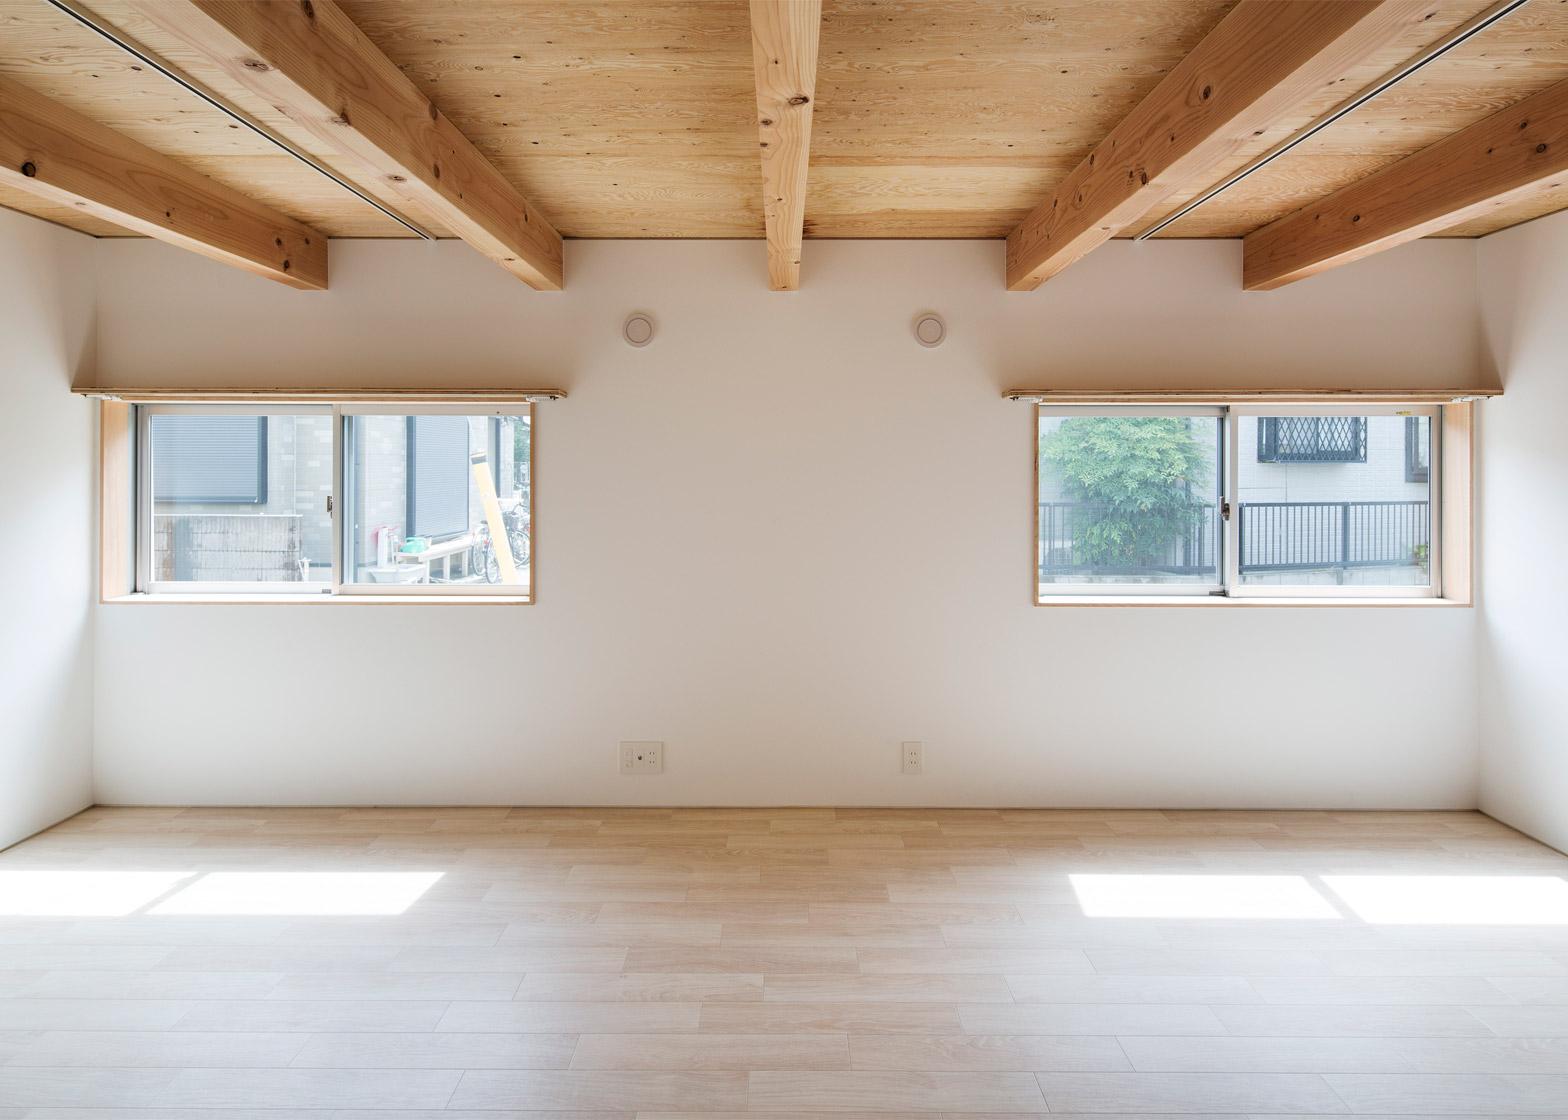 Module Grid House by Tetsuo Yamaji Architects